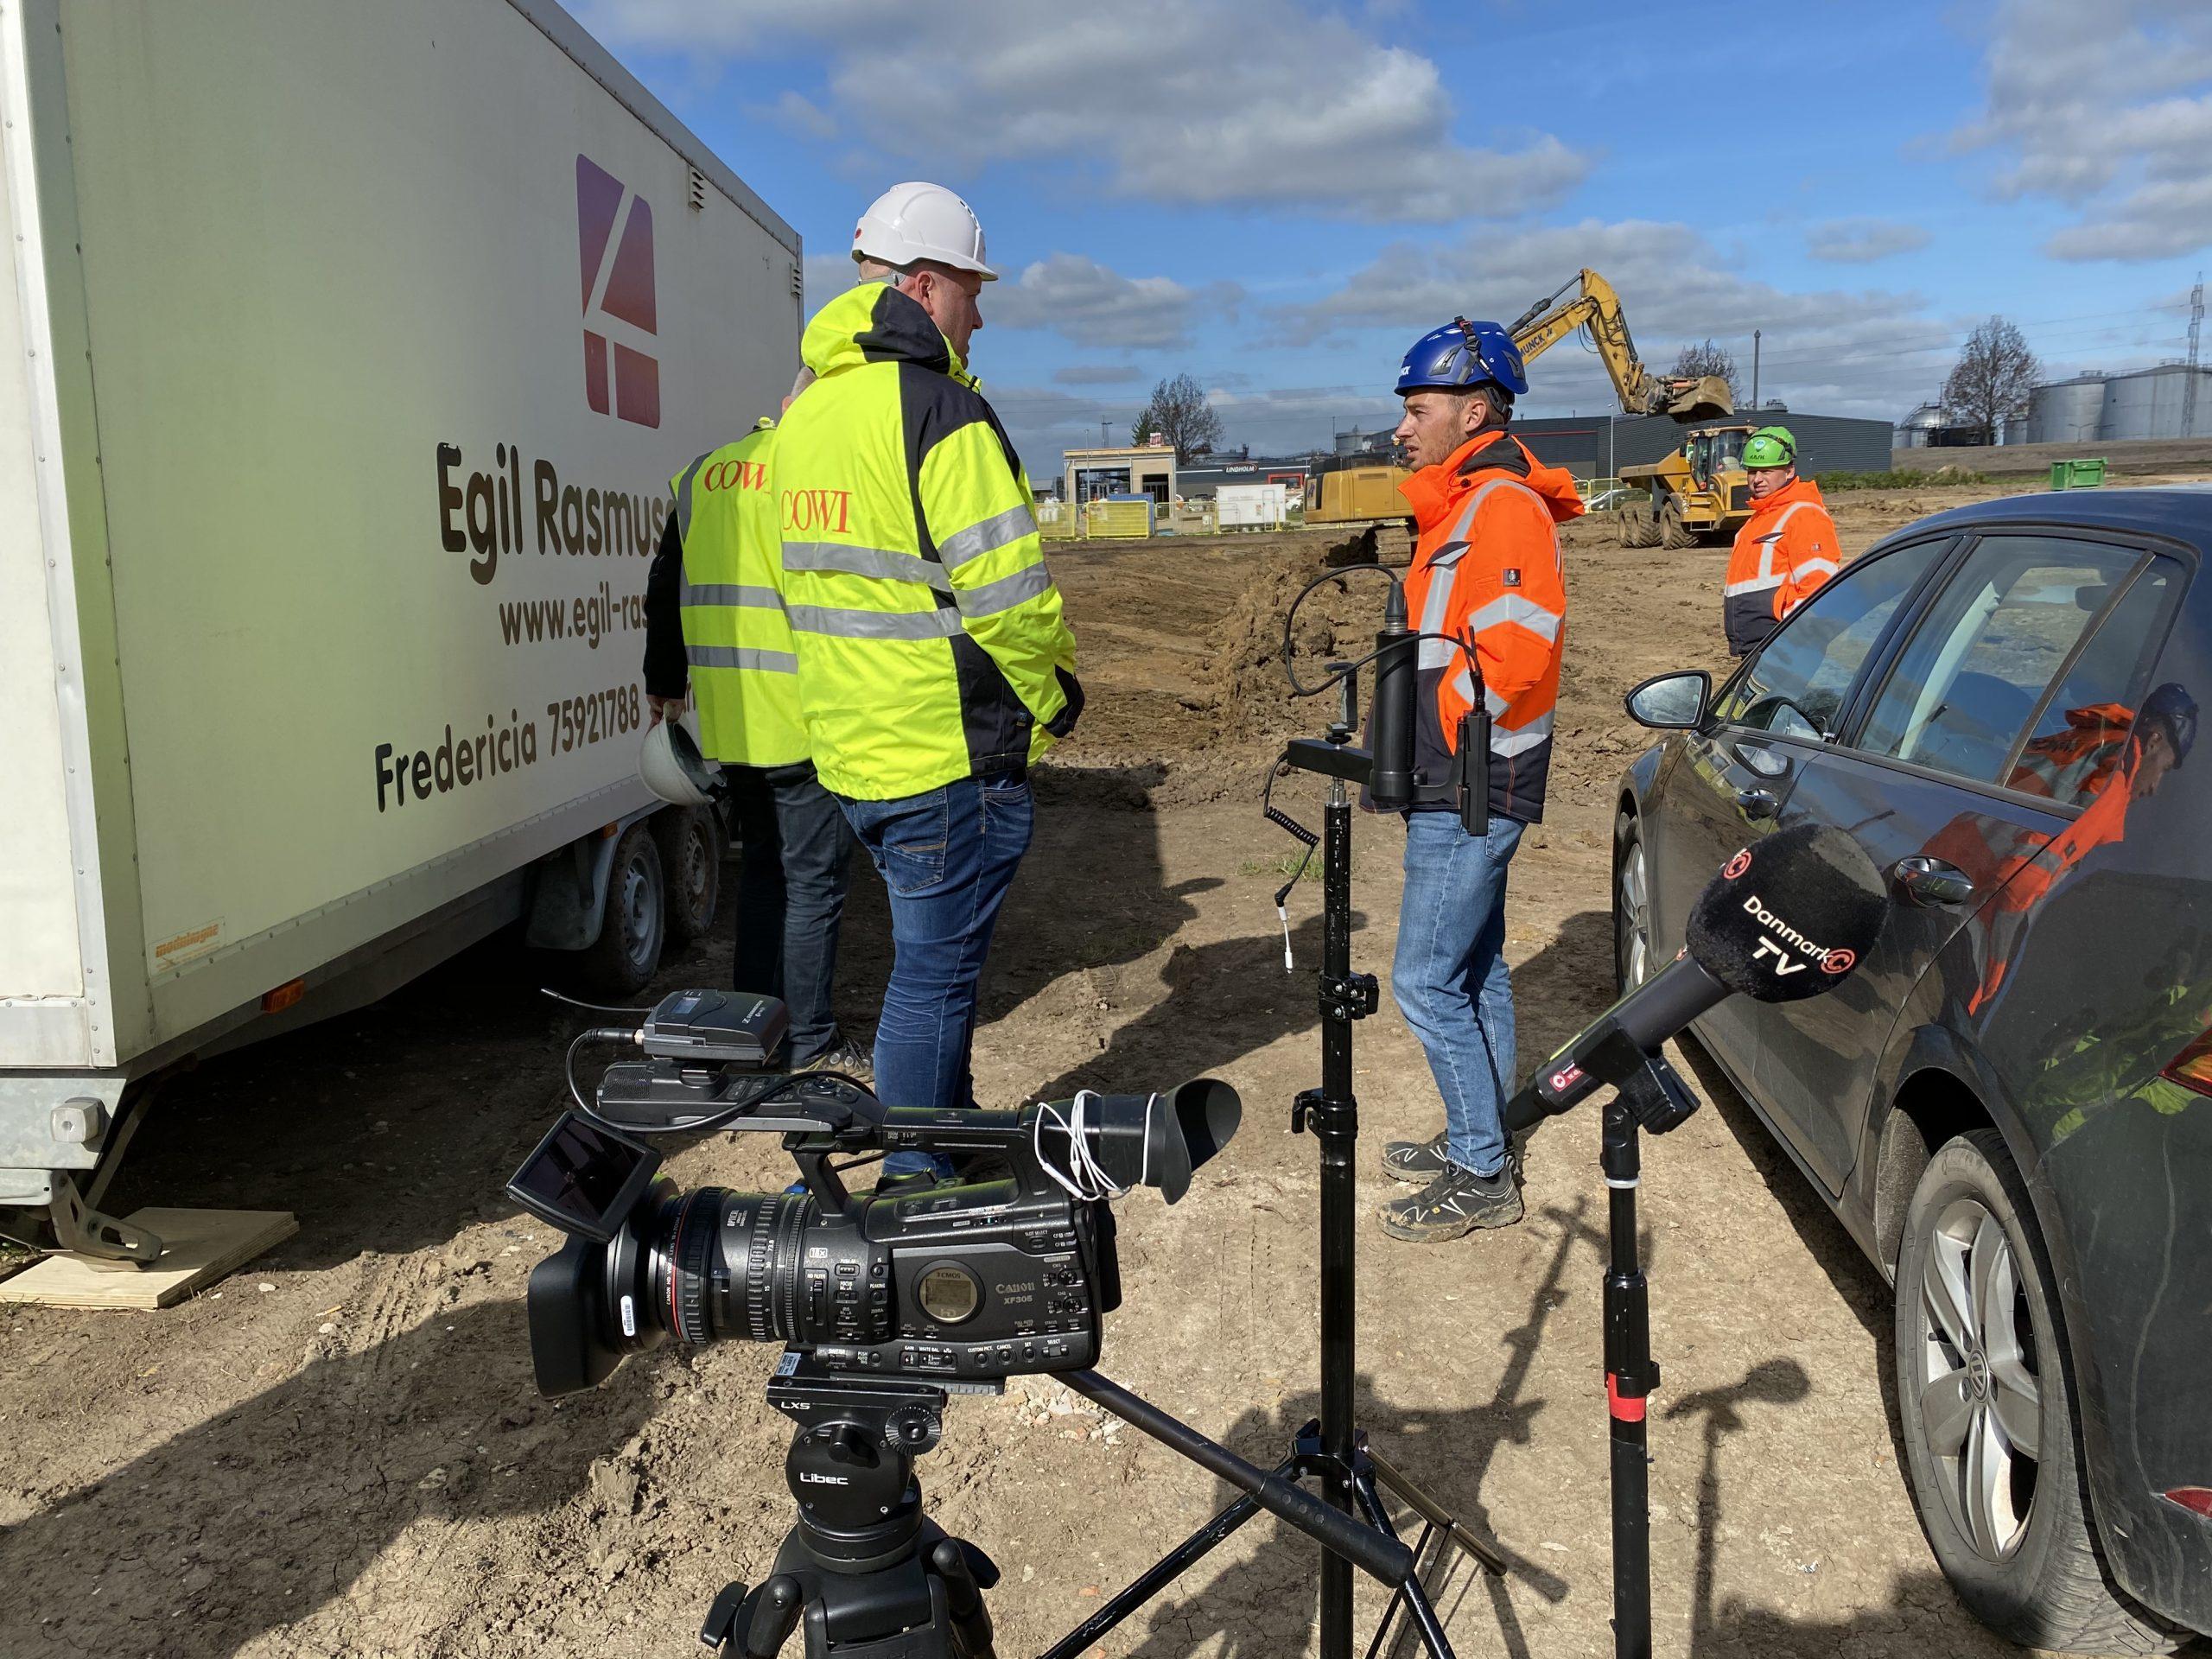 Se TV-infdslag: Første spadestik til nyt genbrugscenter på Nordre Kobbelvej